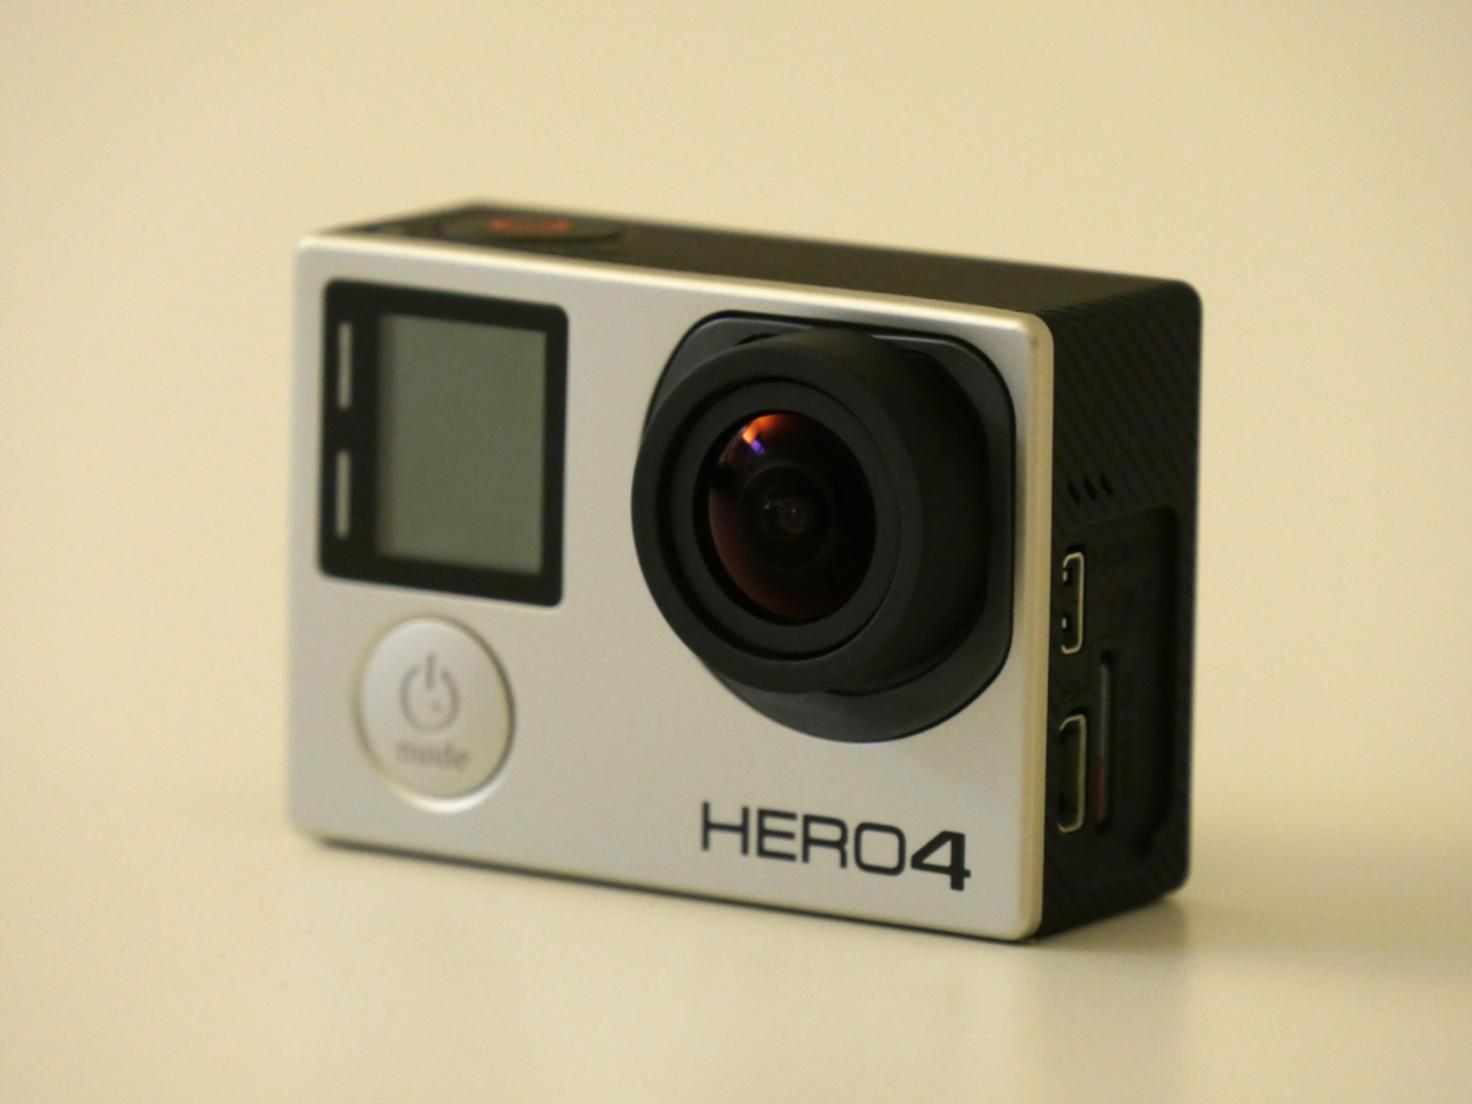 Die GoPro Hero 4 Black Edition ist das neue Flaggschiff des Herstellers.